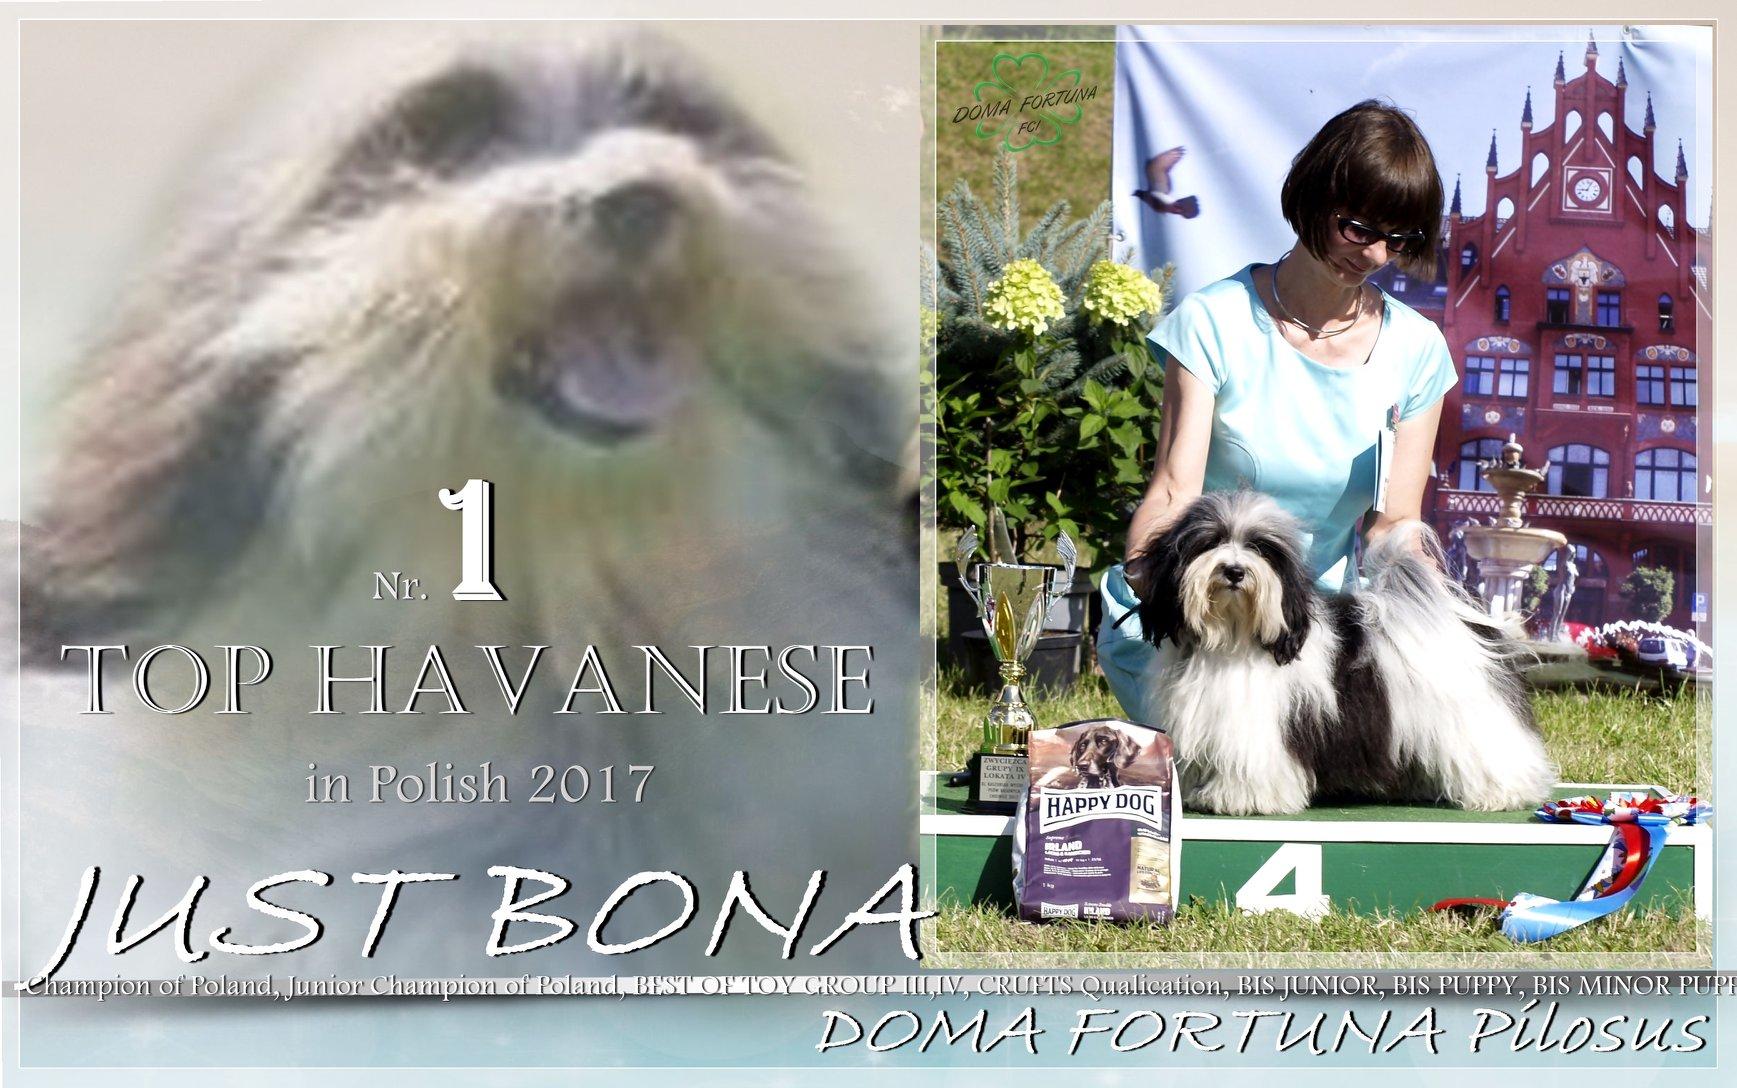 Bona – Hawańczyk / Havanesse / Biszon Hawański - Szczenięta Yvette Dobroczek